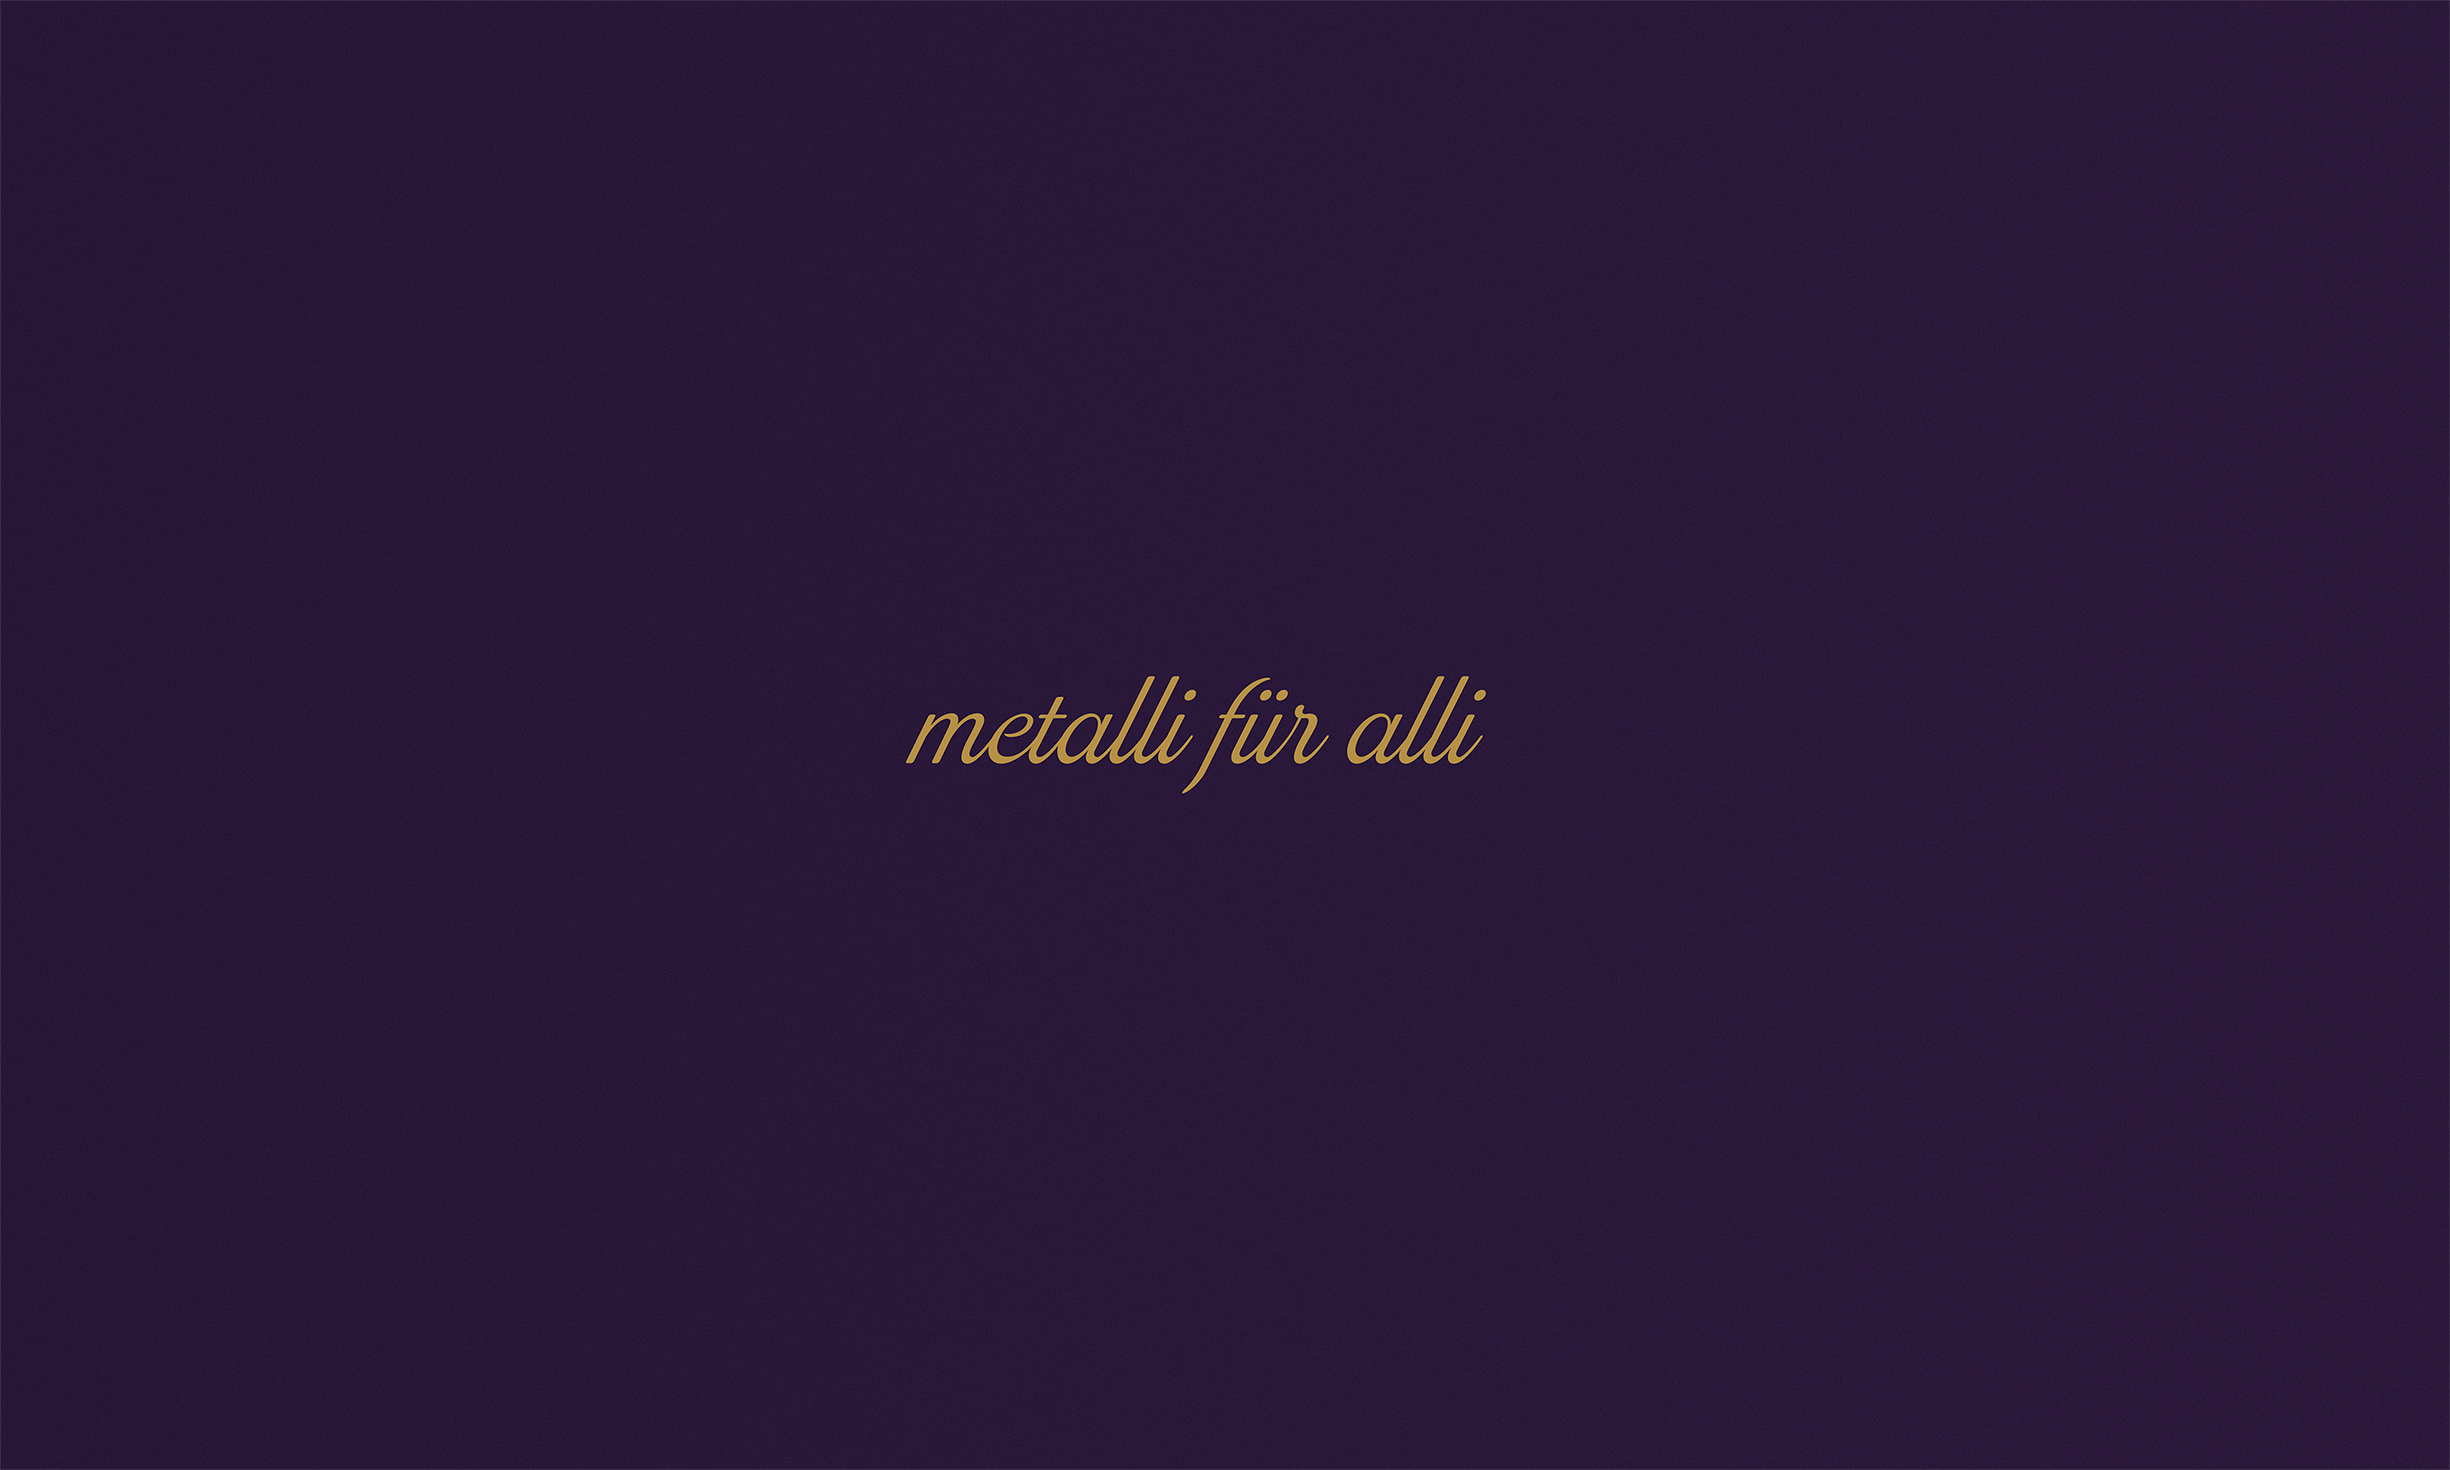 metalli_slogan.png